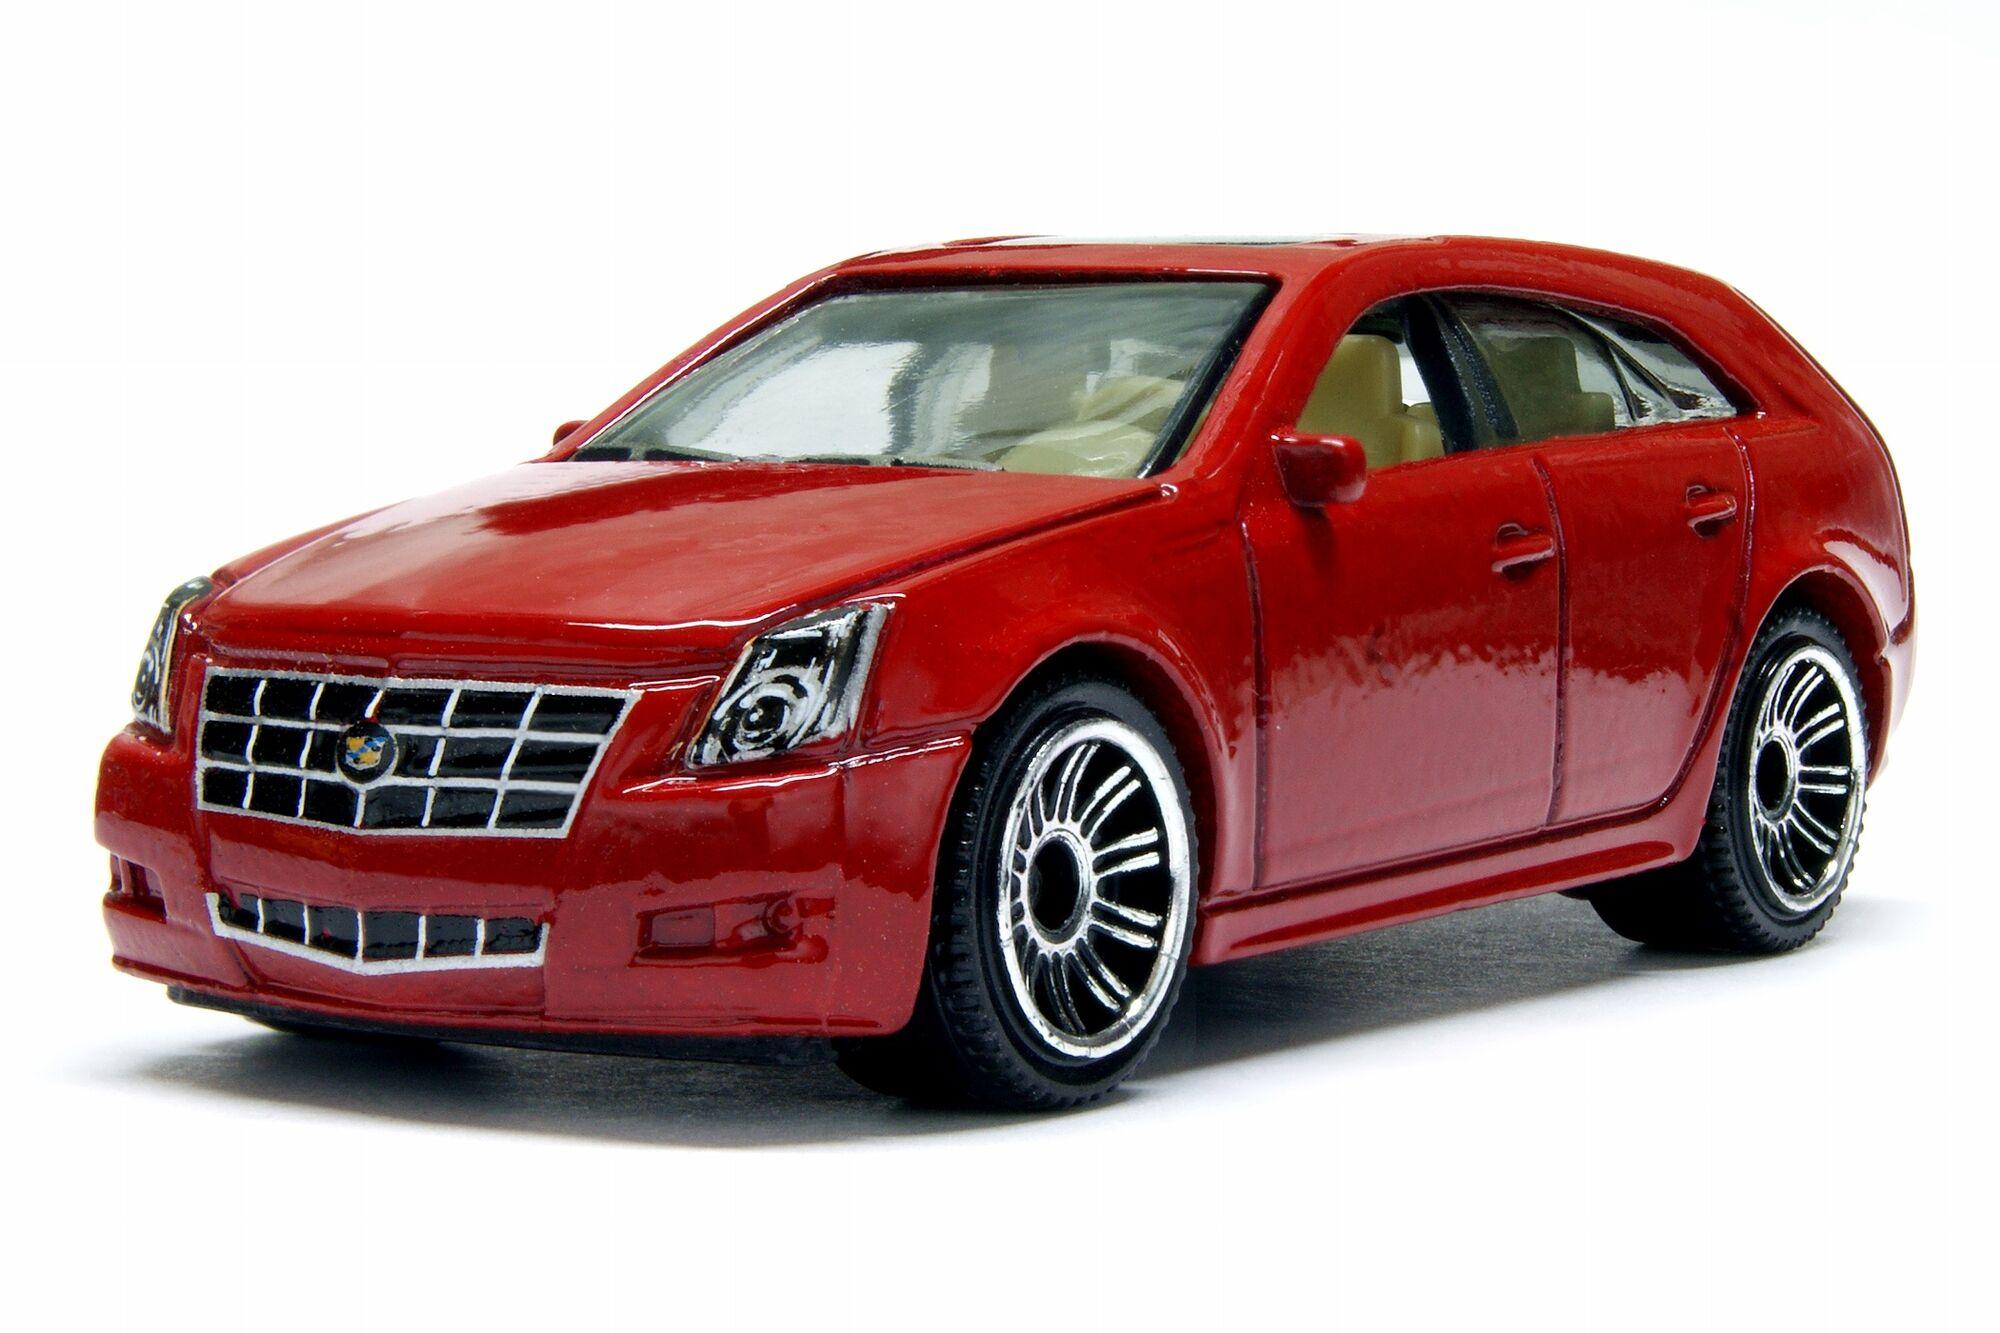 Cadillac Cts Wagon Matchbox Cars Wiki Fandom Powered